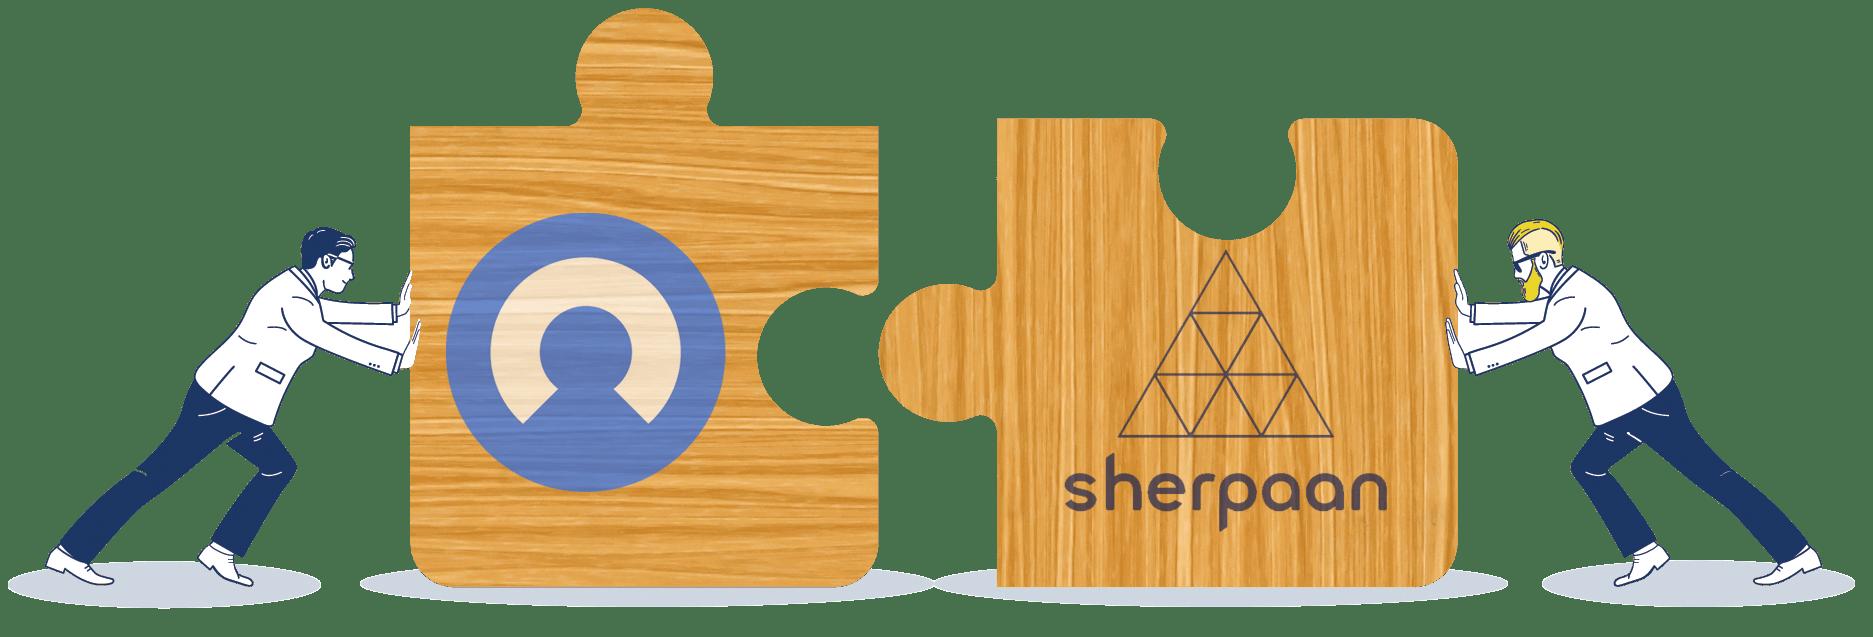 Sherpaan + slimme telefonie